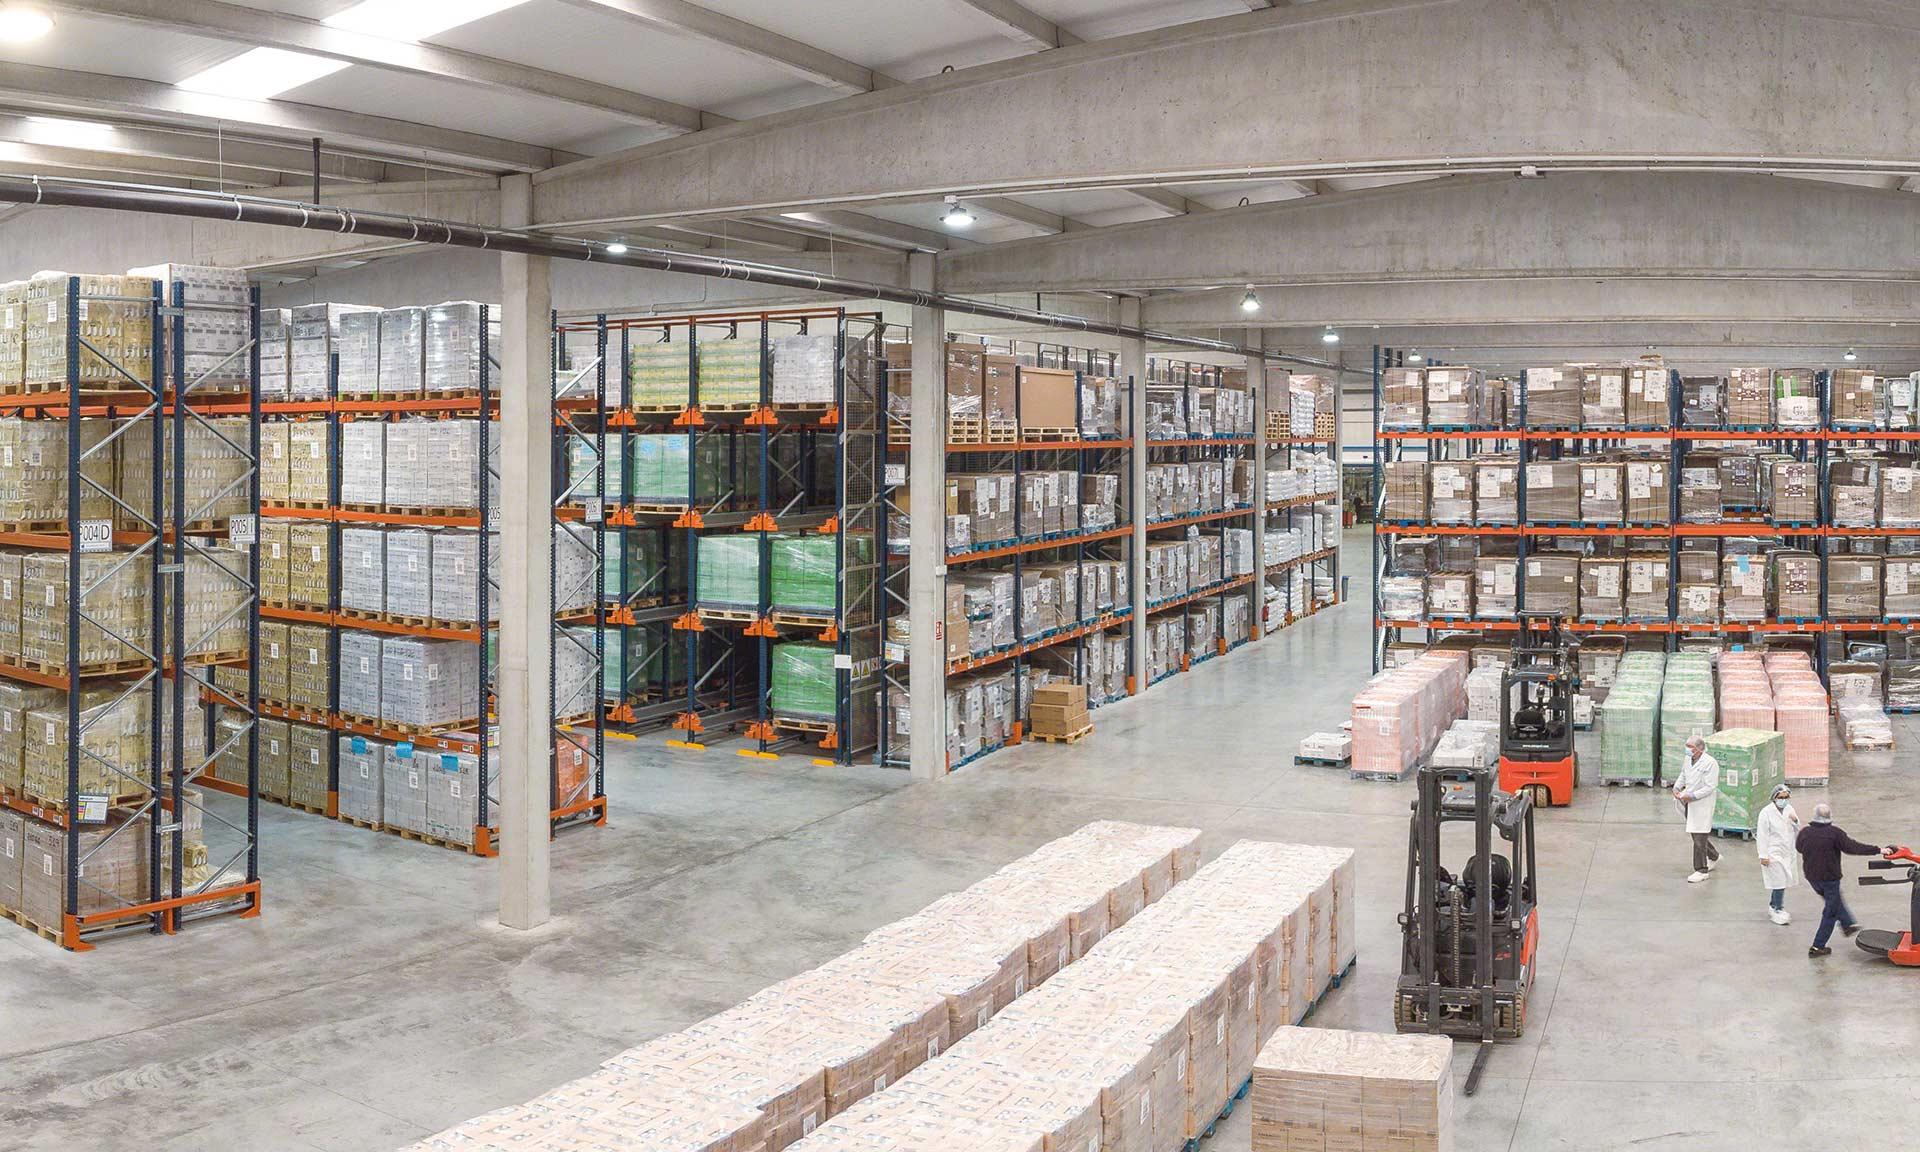 Costa Concentrados Levantinos: Technologie erfrischt die Lieferkette